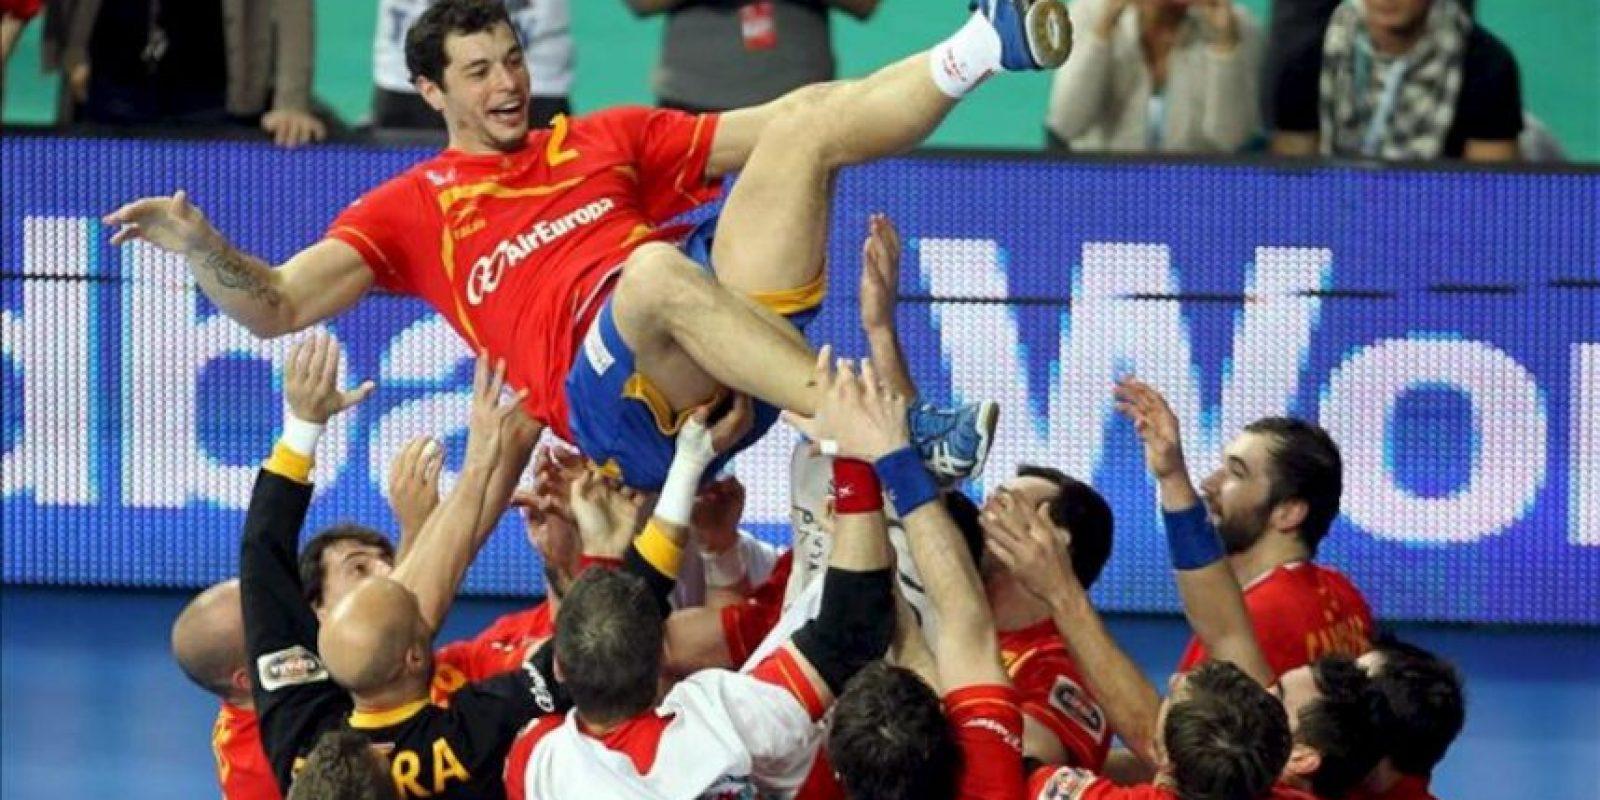 Los jugadores de España mantean a su compañero Alberto Entrerríos tras su victoria ante Dinamarca por 35-19, en la final del Campeonato del Mundo de balonmano que han disputado en el Palau Sant Jordi de Barcelona. Con esta victoria la selección española logra su segundo título mundial de balonmano. EFE